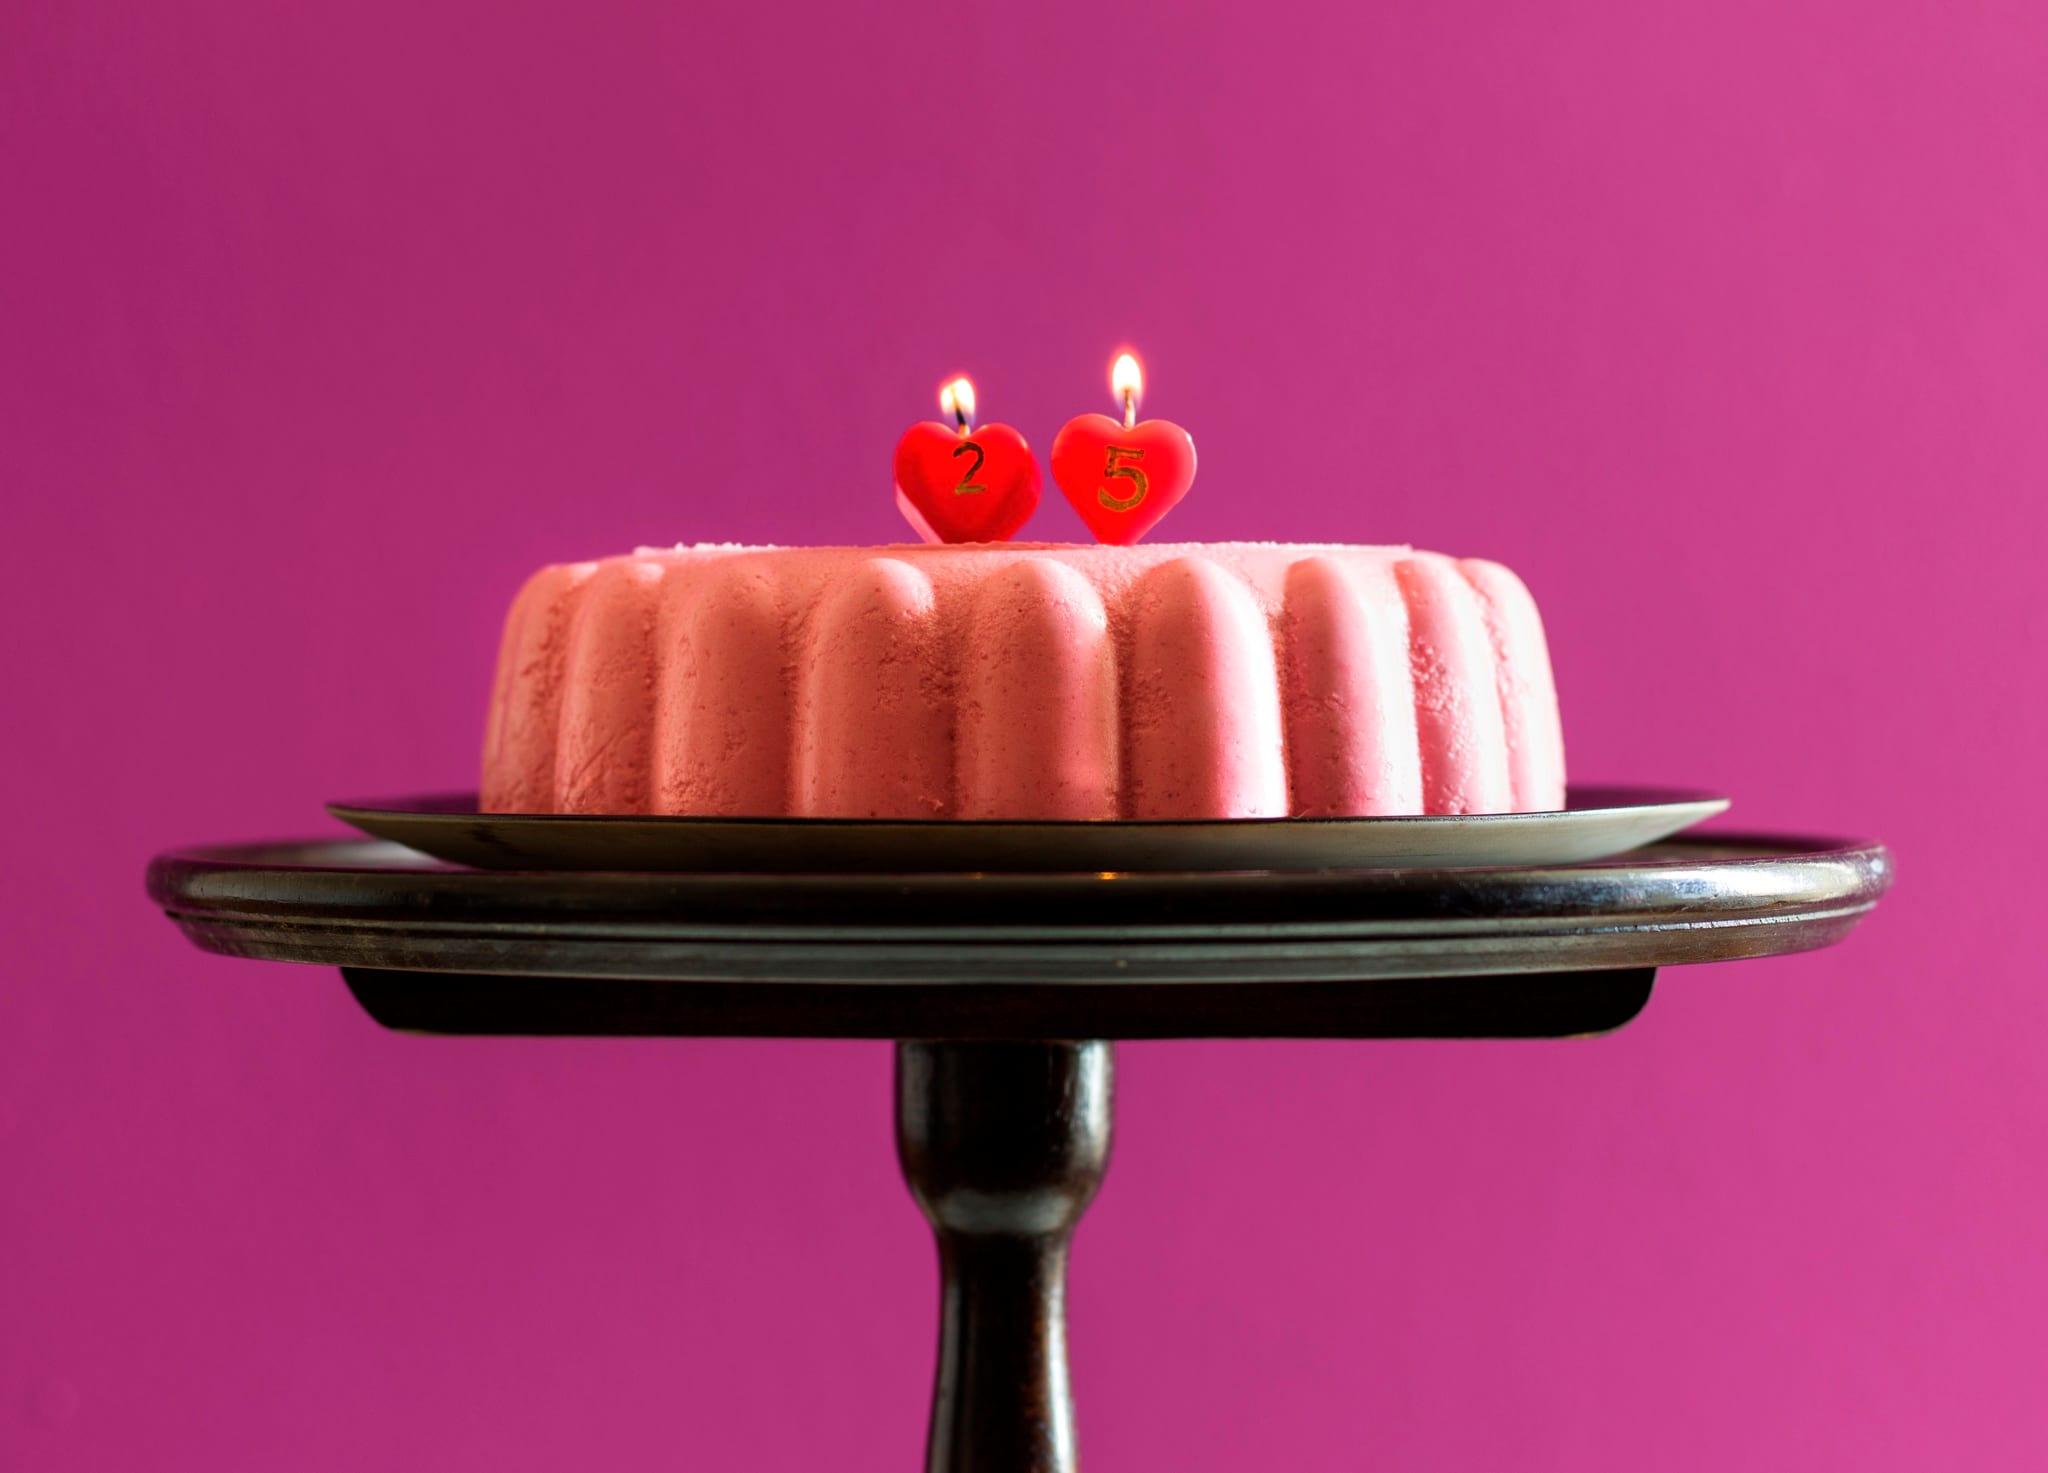 PÚBLICO - Mísia no Trindade, um aniversário feliz